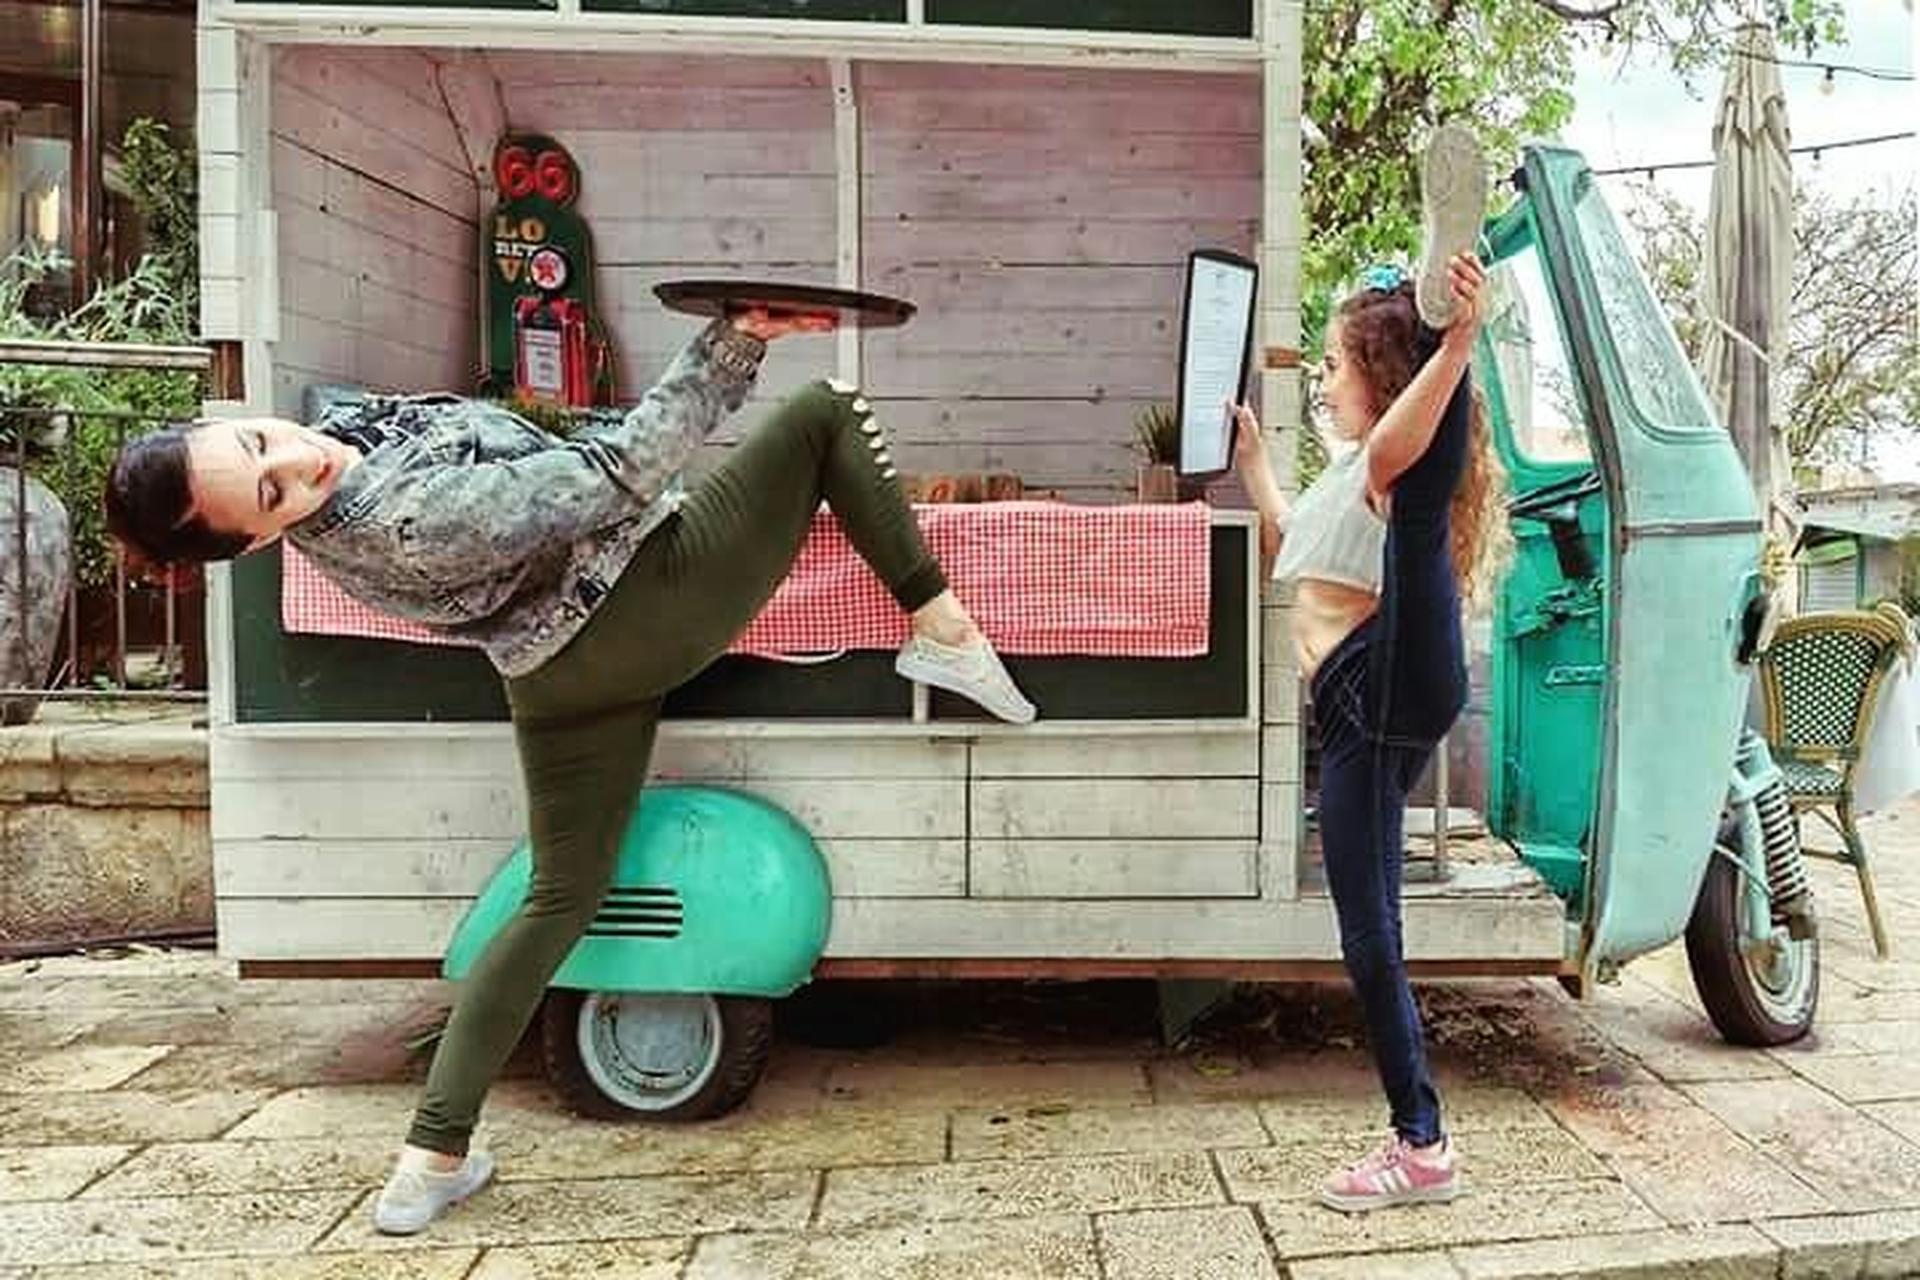 צילום: אירה טישליצקי ורוברט נמר